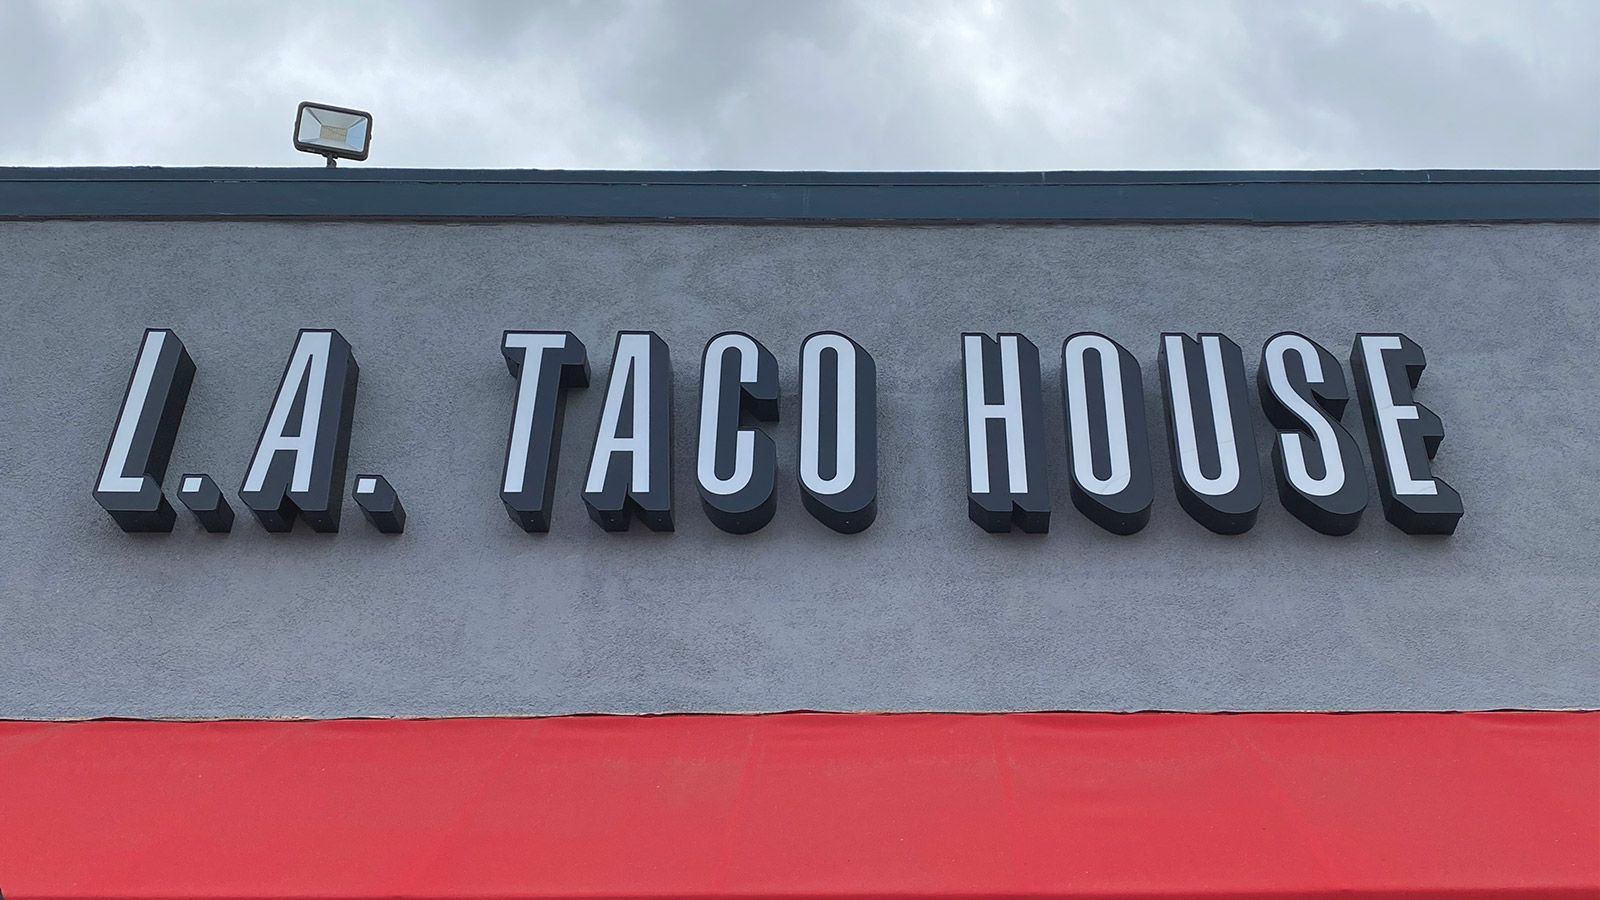 LA Taco House channel letters